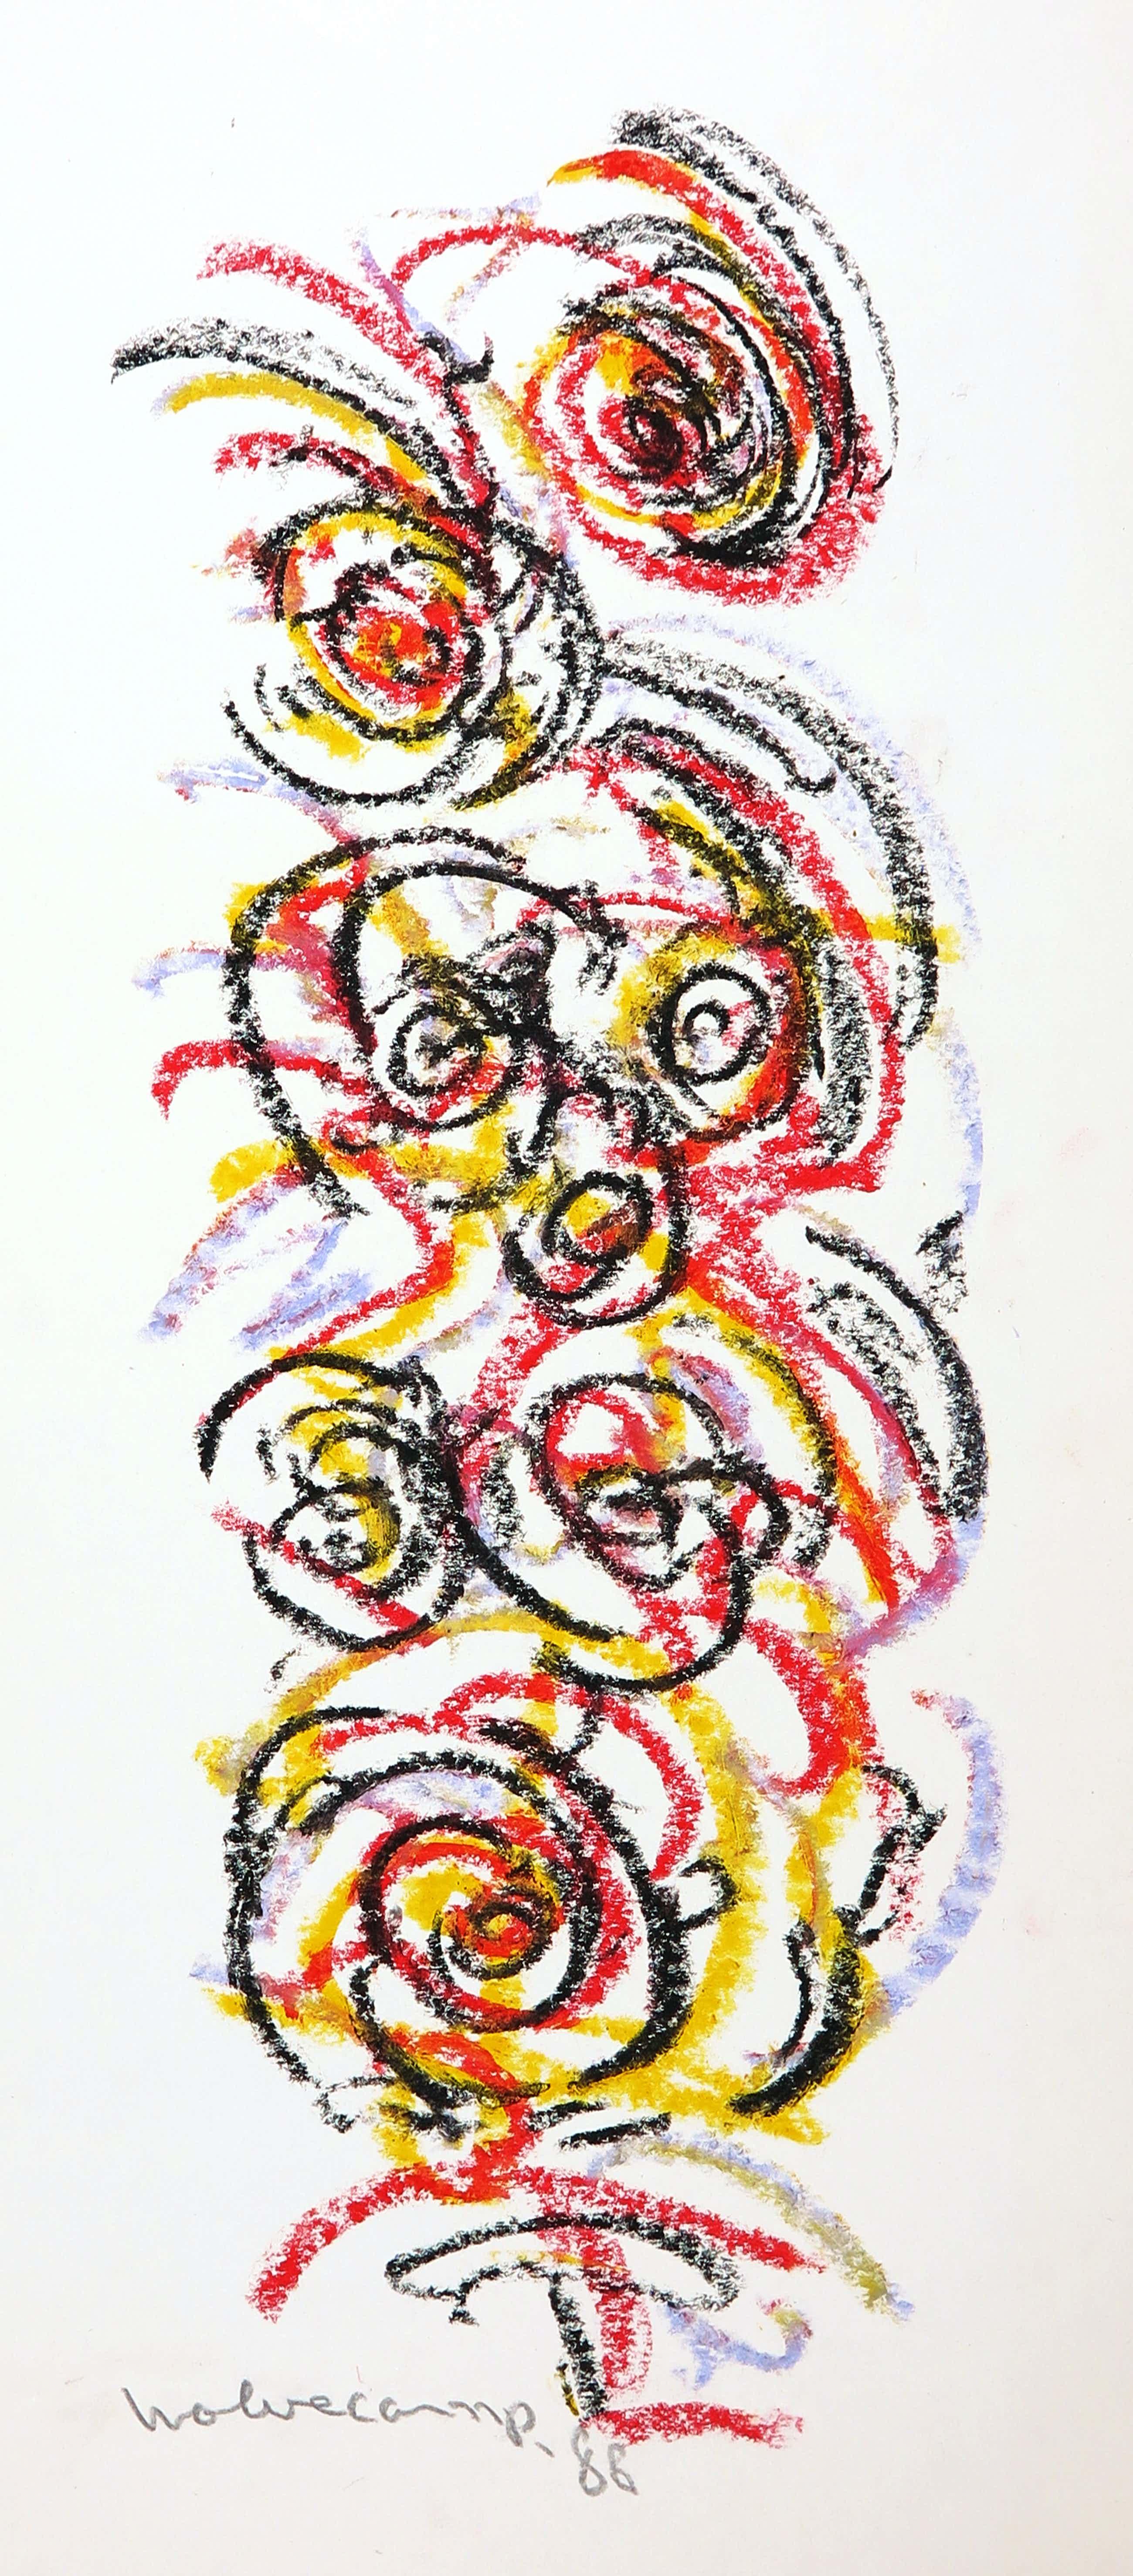 Theo Wolvecamp - Pastelkrijt, Abstracte compositie kopen? Bied vanaf 541!